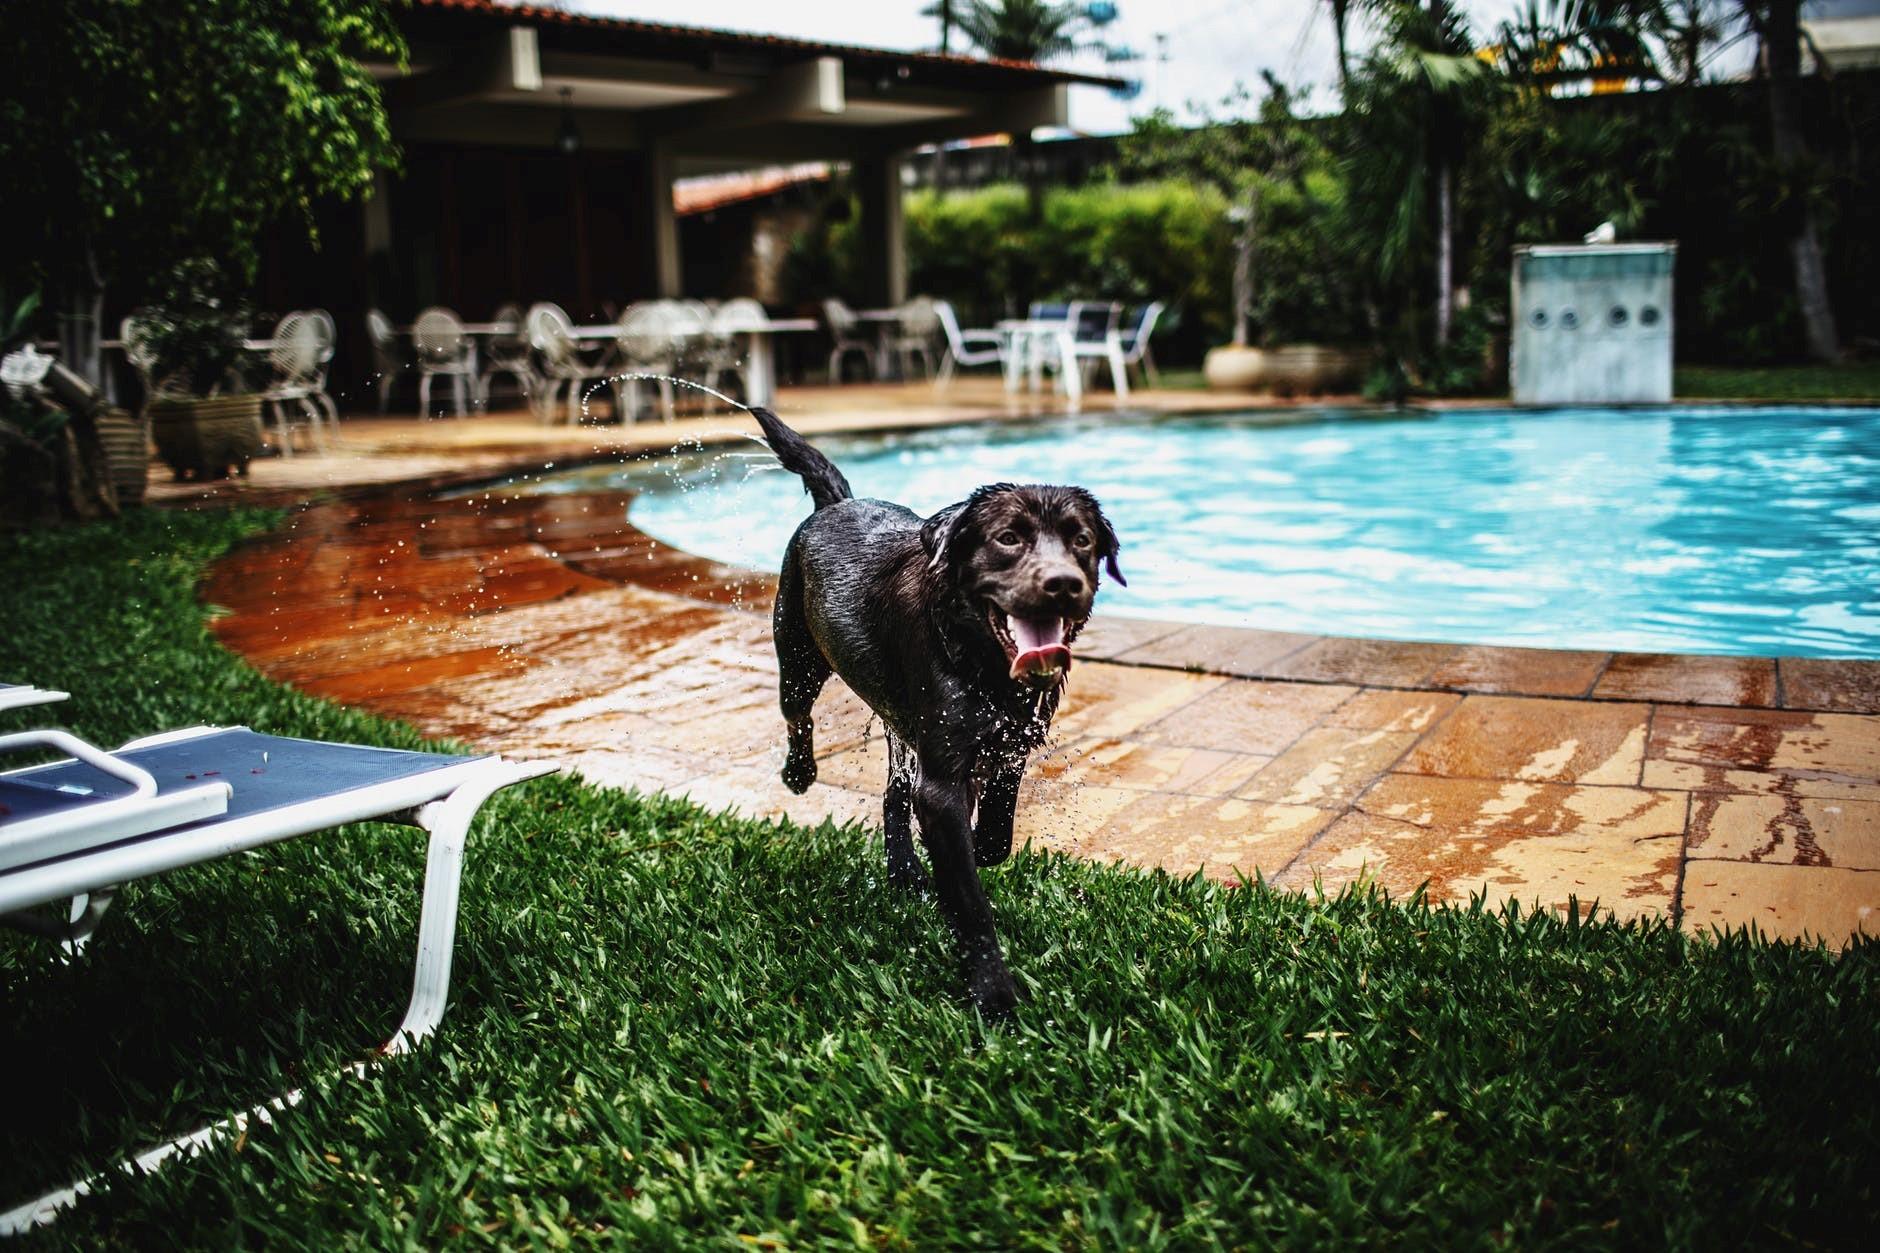 Welche Hunde baden gerne?